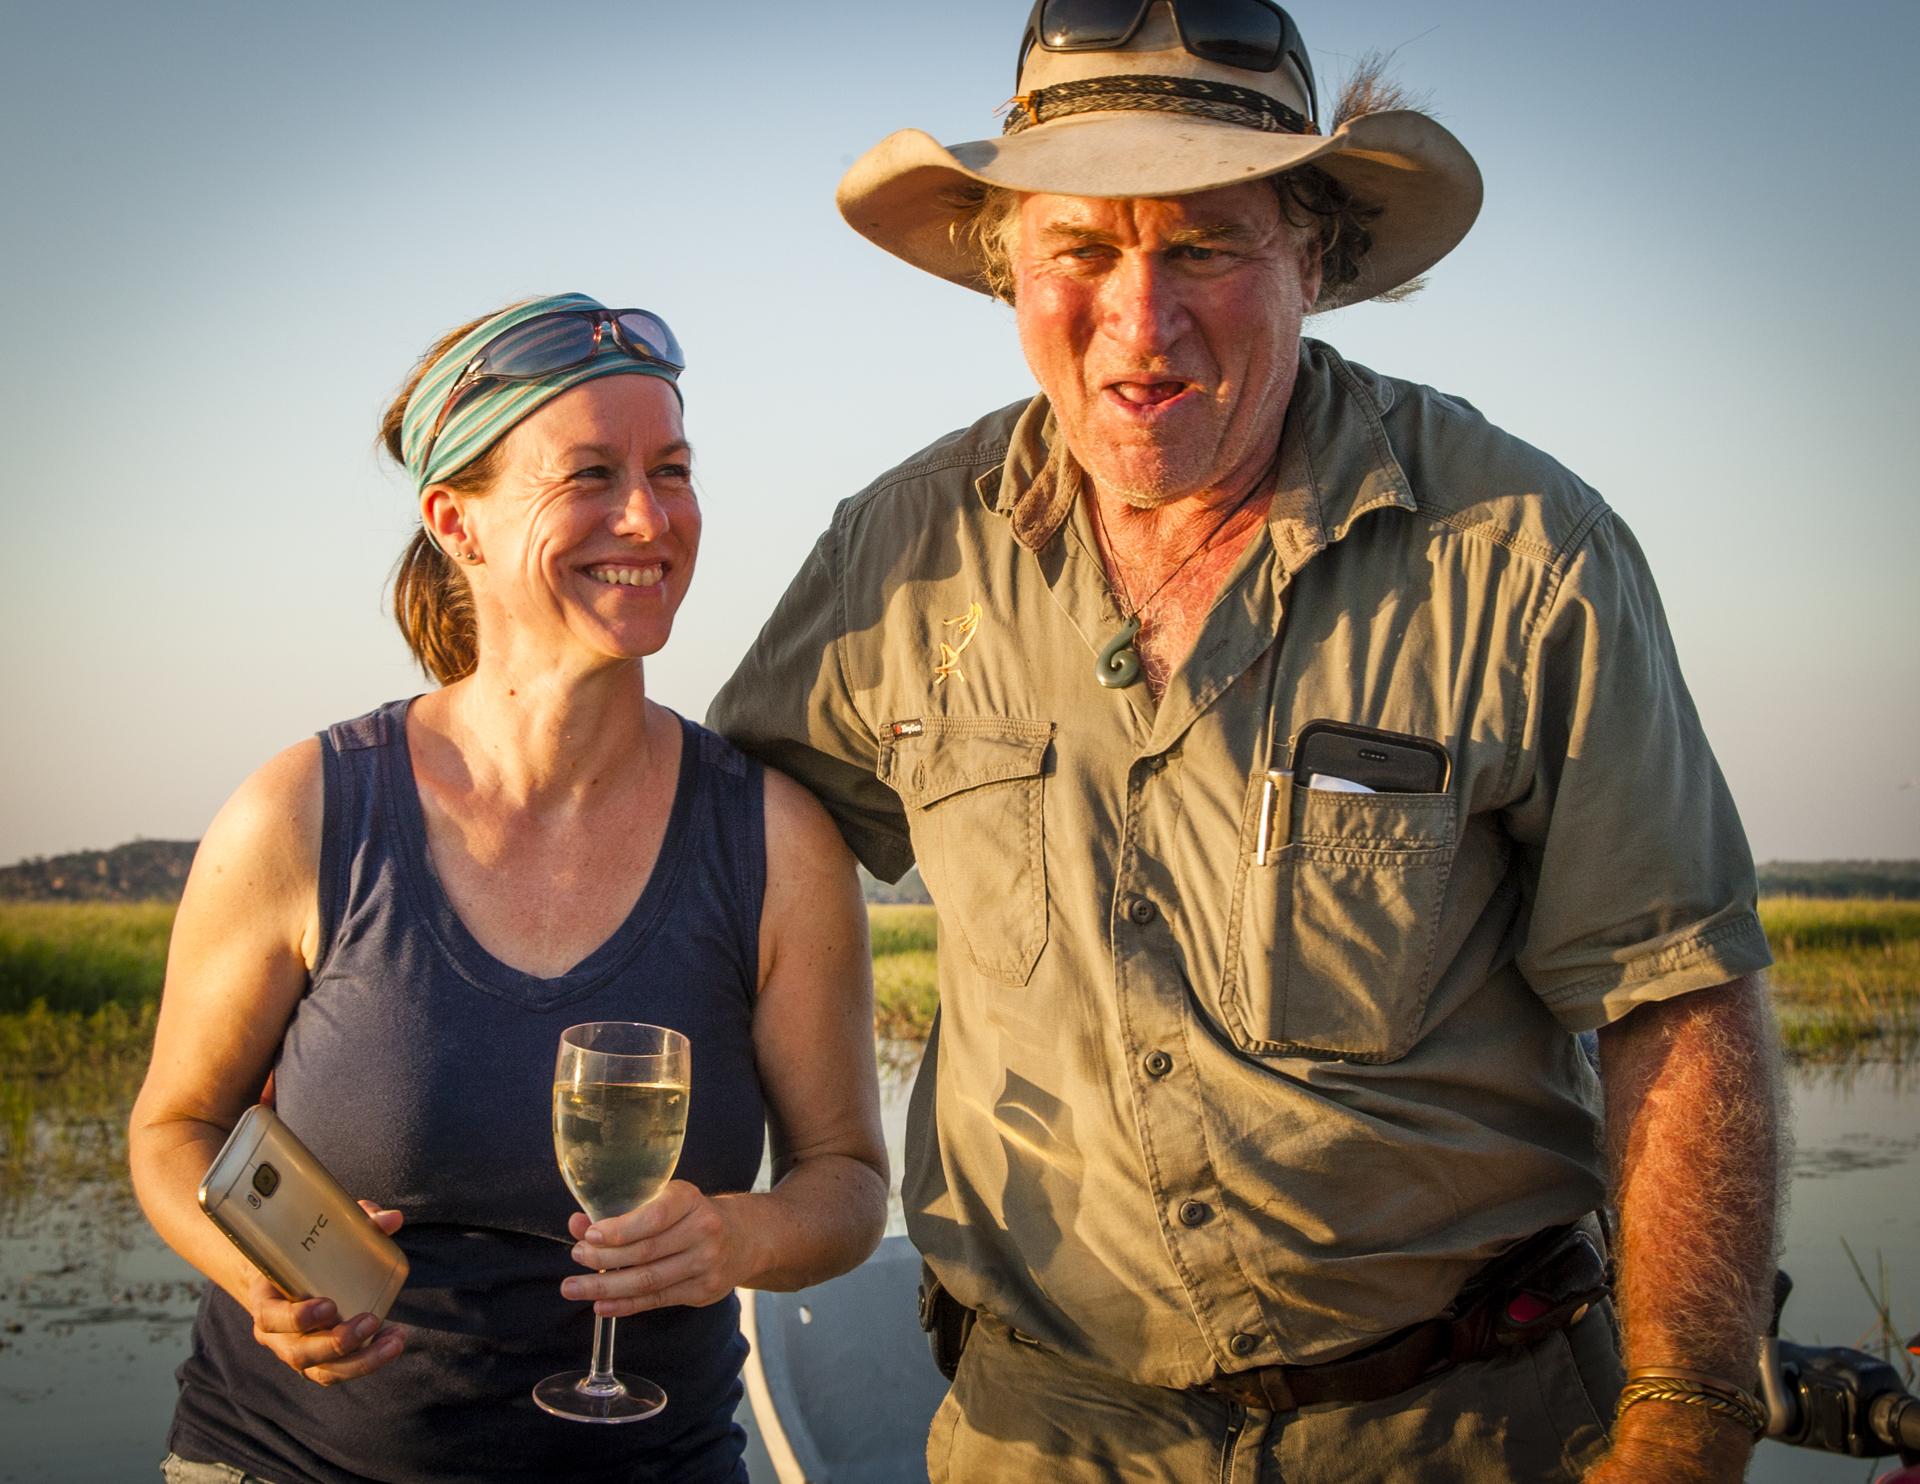 Katja Bockwinkel vertritt das Tourismus-Marketing des Northern Territory in Deutschland. Sab Lord kennt sie schon lange und genießt mit ihm den Sonnenuntergang auf dem Billabong / © FrontRowSociety.net, Foto: Georg Berg